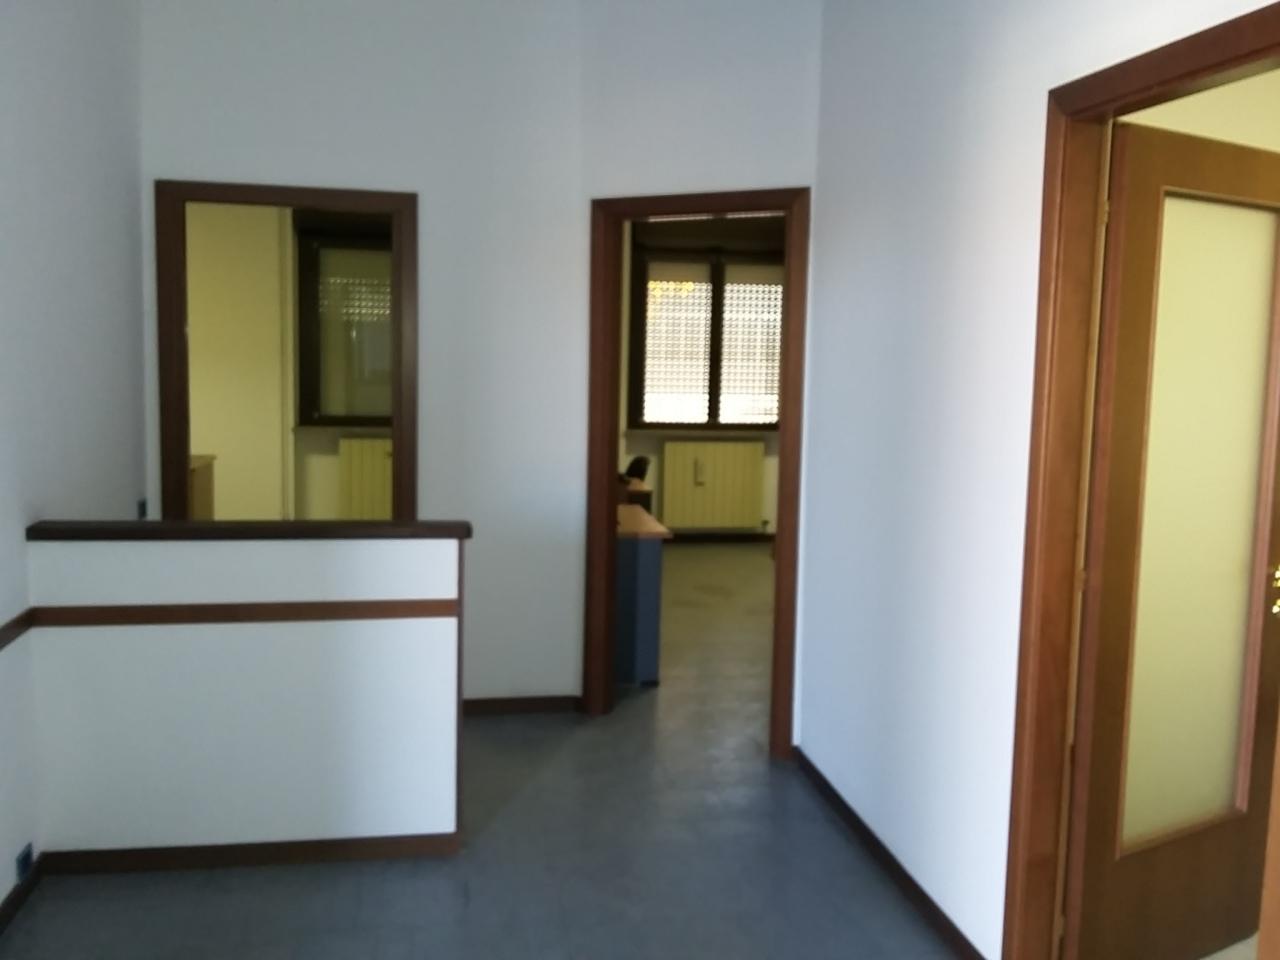 Ufficio / Studio in affitto a Somma Lombardo, 4 locali, prezzo € 600 | PortaleAgenzieImmobiliari.it